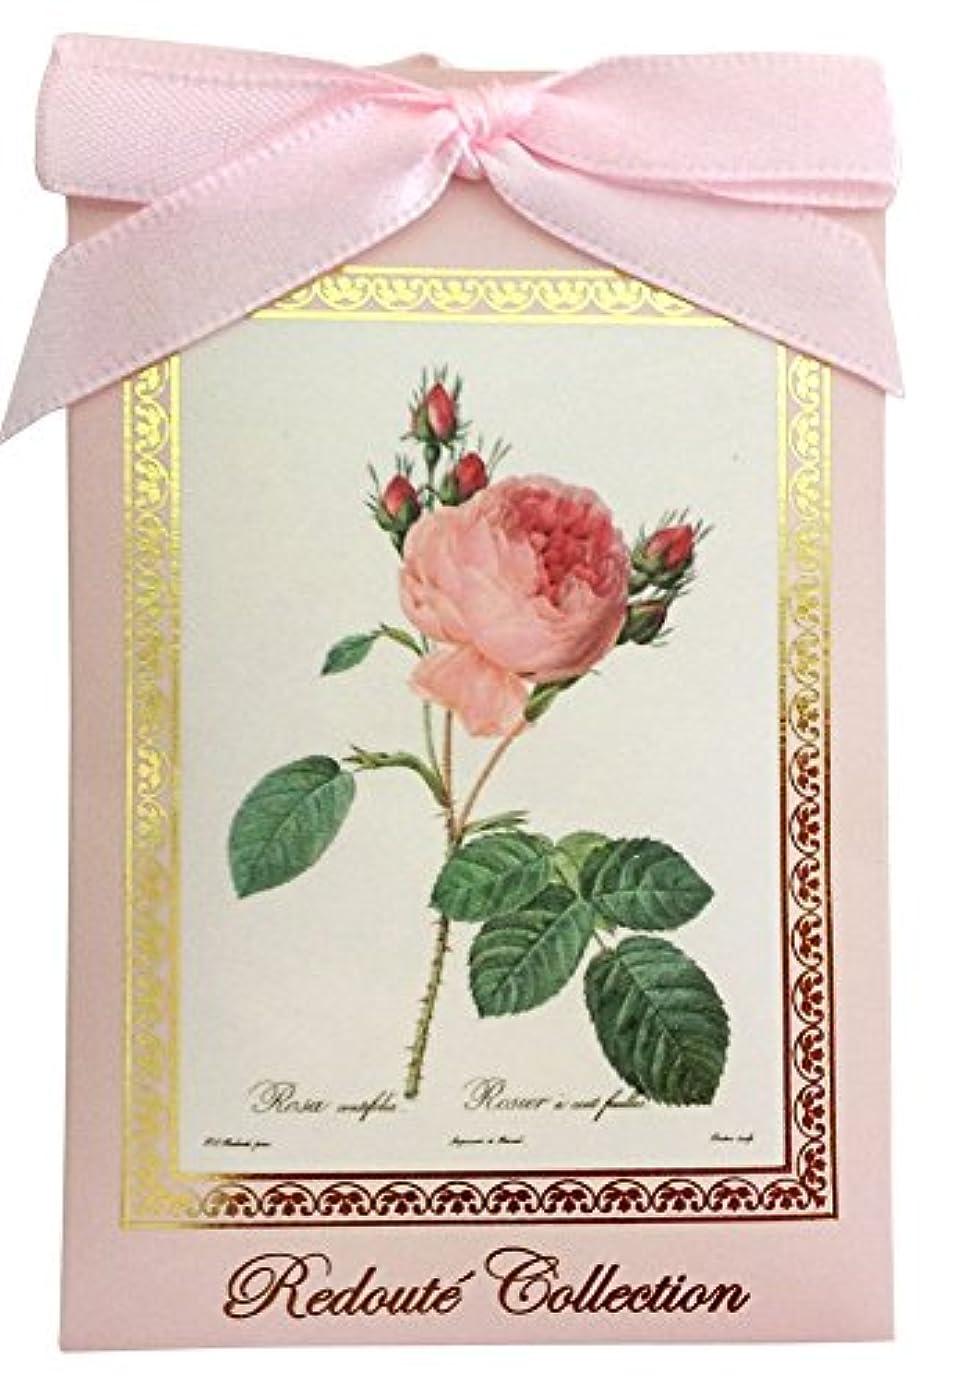 セットするブランド流産カメヤマキャンドルハウス ルドゥーテ サシェ スイートローズの香り 芳香期間約1ヶ月